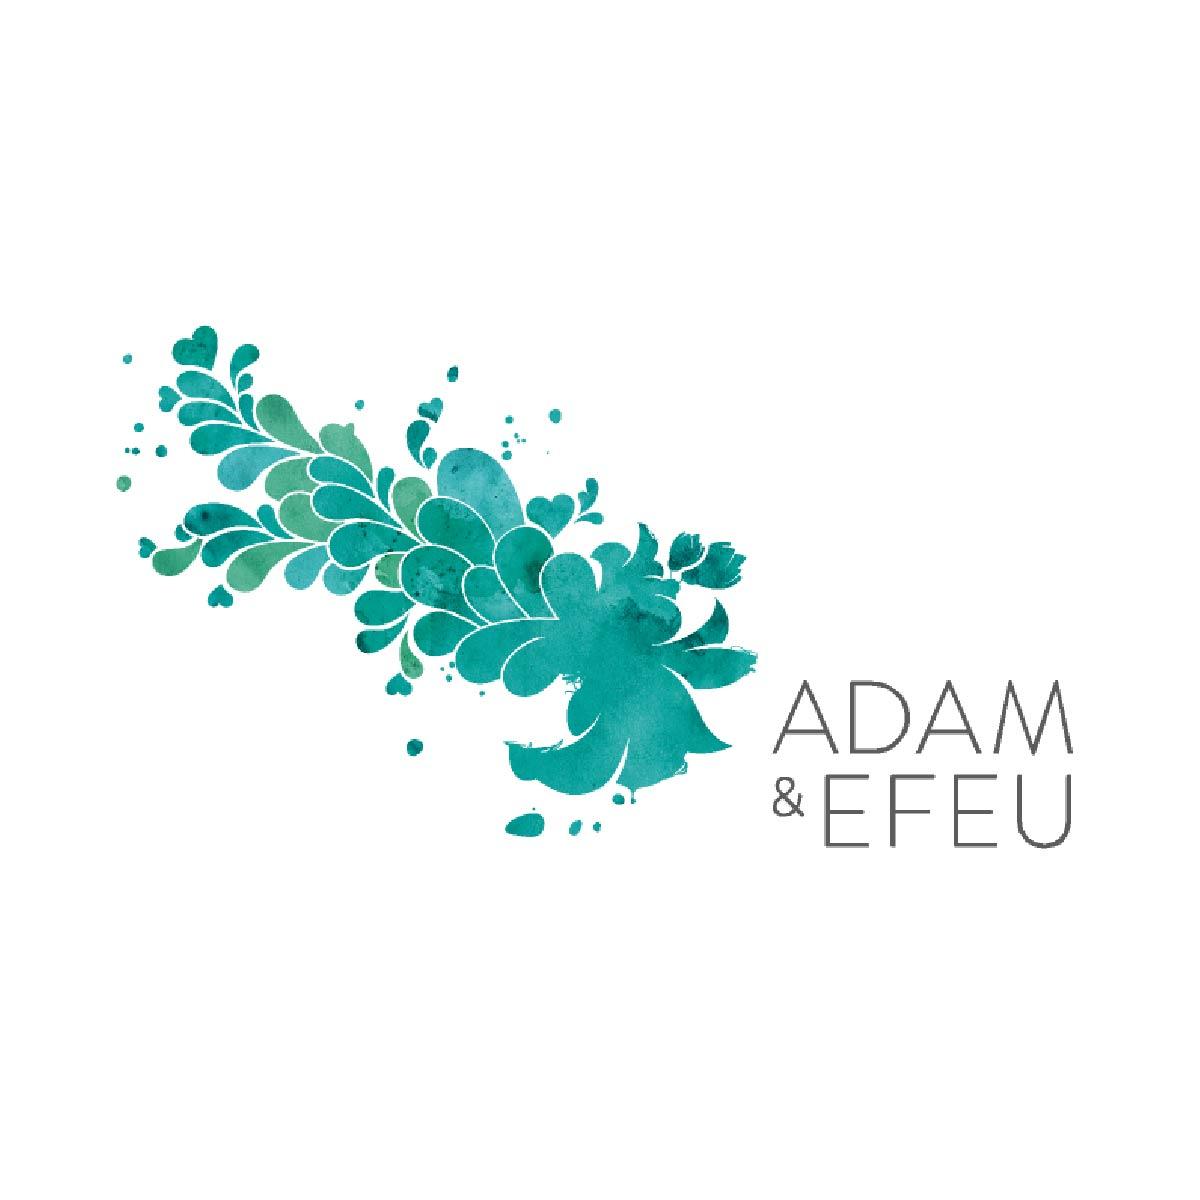 Wort-Marke Wort-Bild-Marke Firmenlogo Namensfindung Signetentwicklung Wiesbaden adam & efeu adam und efeu